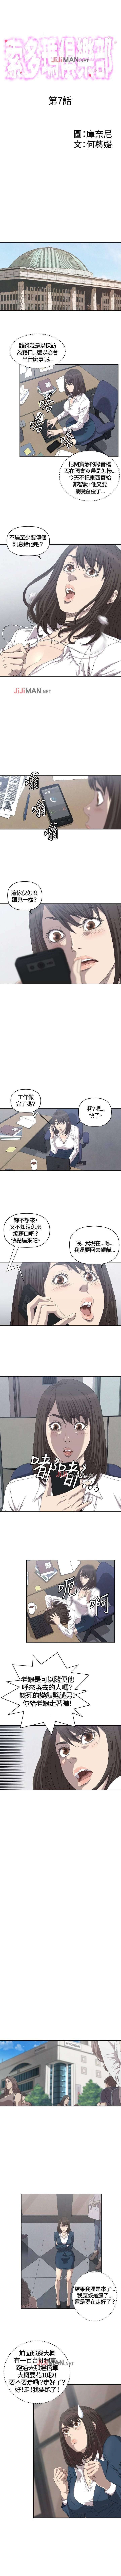 【已完结】索多玛俱乐部(作者:何藝媛&庫奈尼) 第1~32话 31